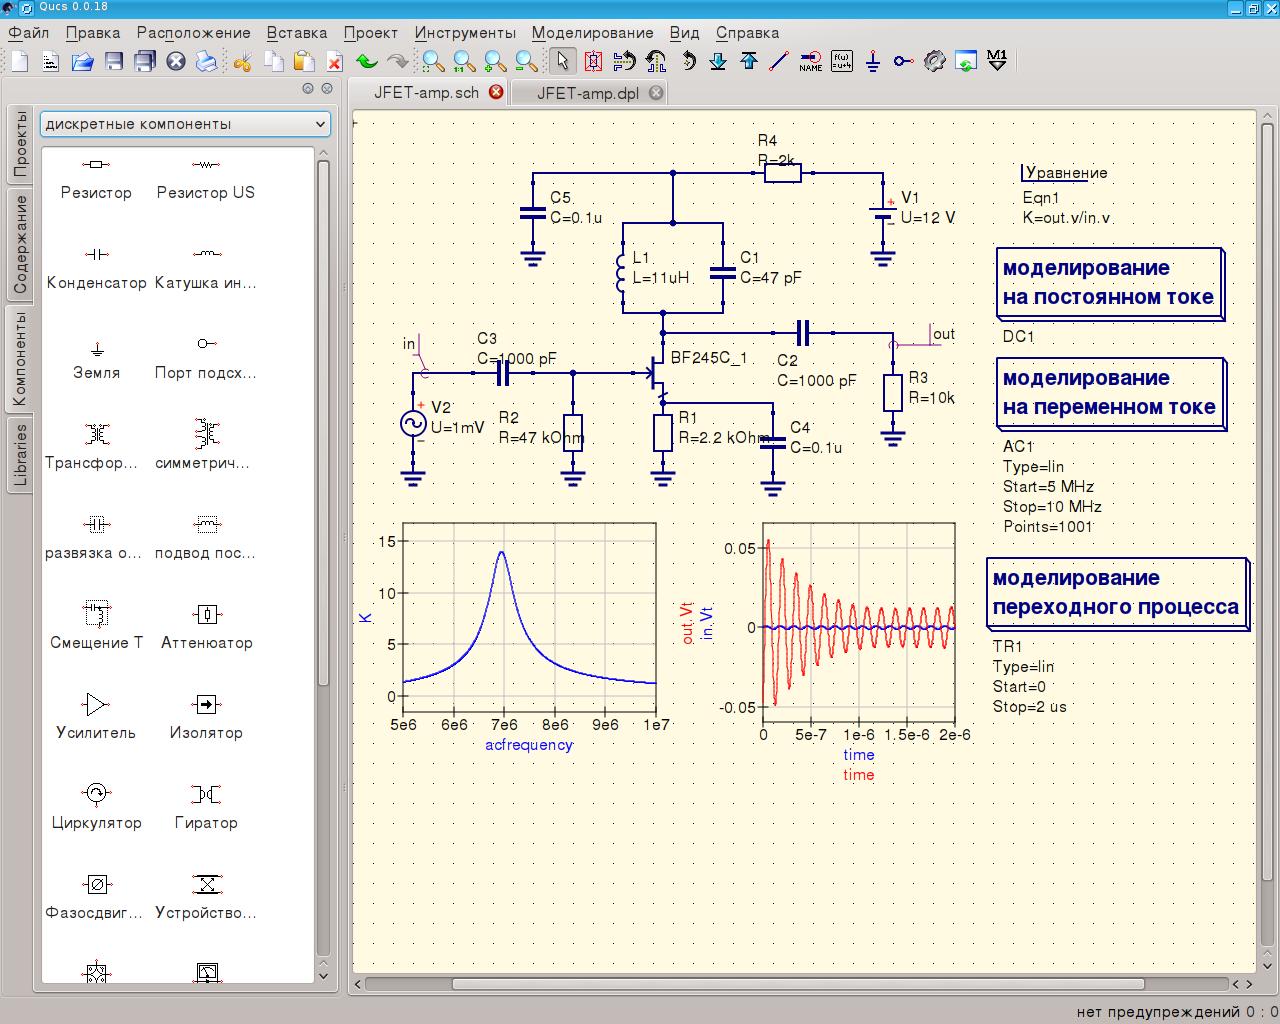 моделирование схемы в microcap ее характеристики